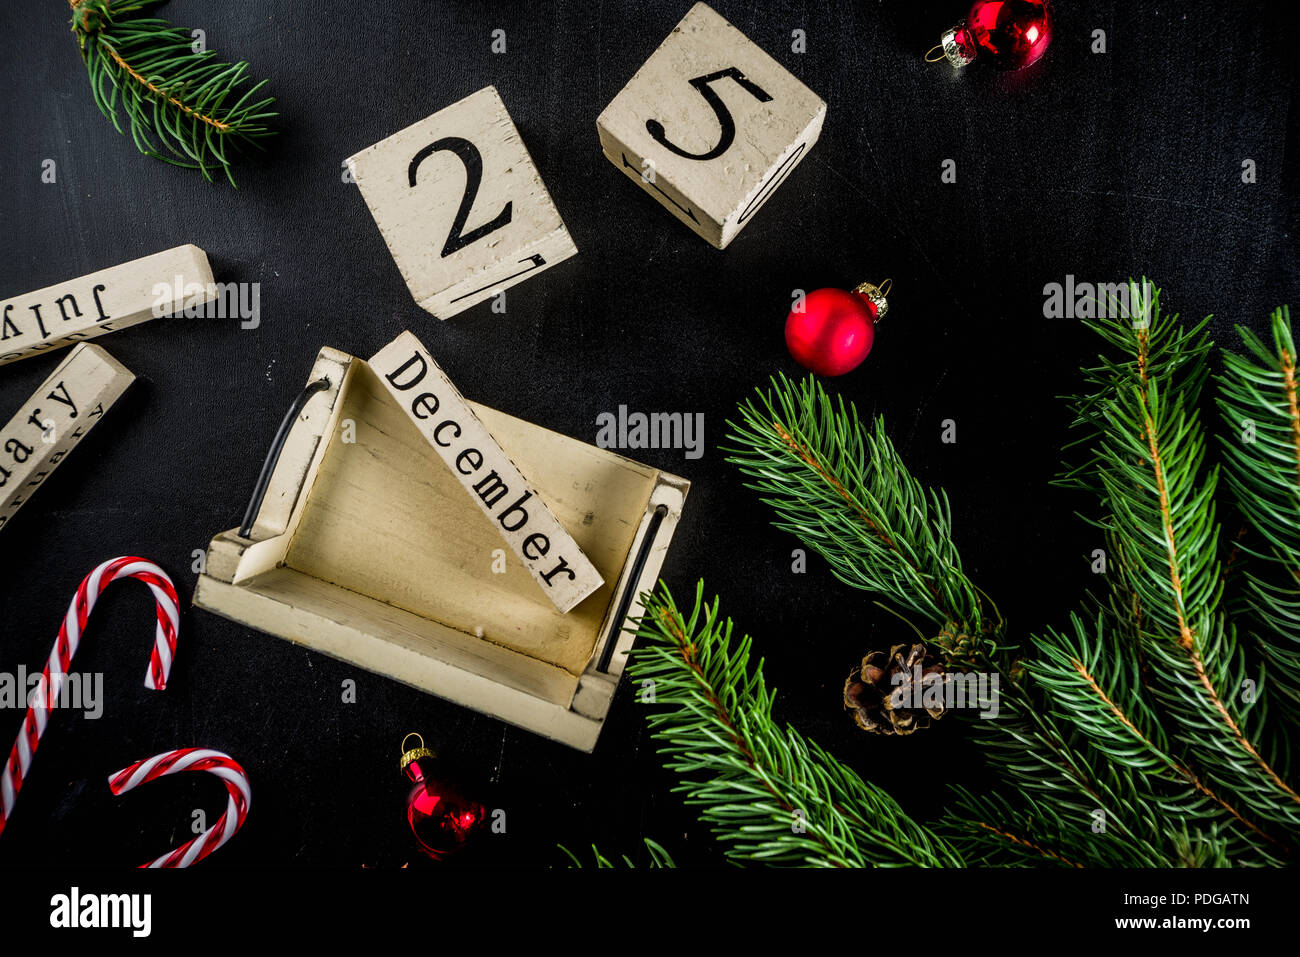 Ist Weihnachten Am 24 Oder 25.Weihnachten Konzept Mit Dekorationen Tannenbaum äste Mit Kalender